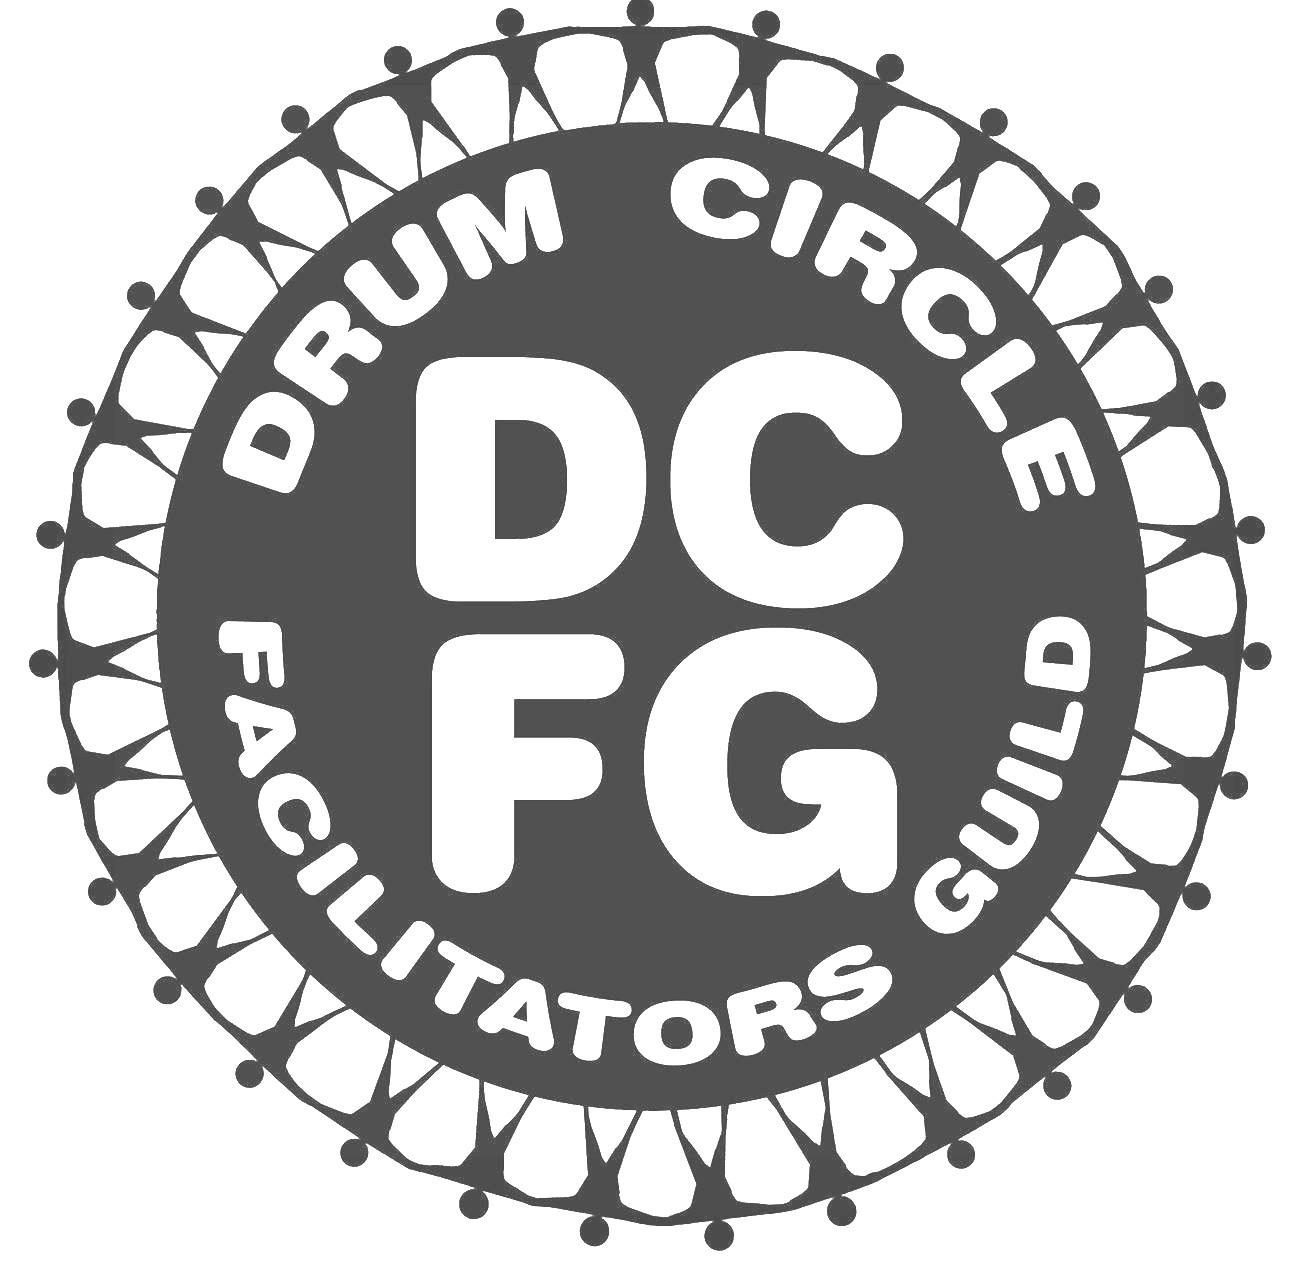 DCFG Logo.jpg